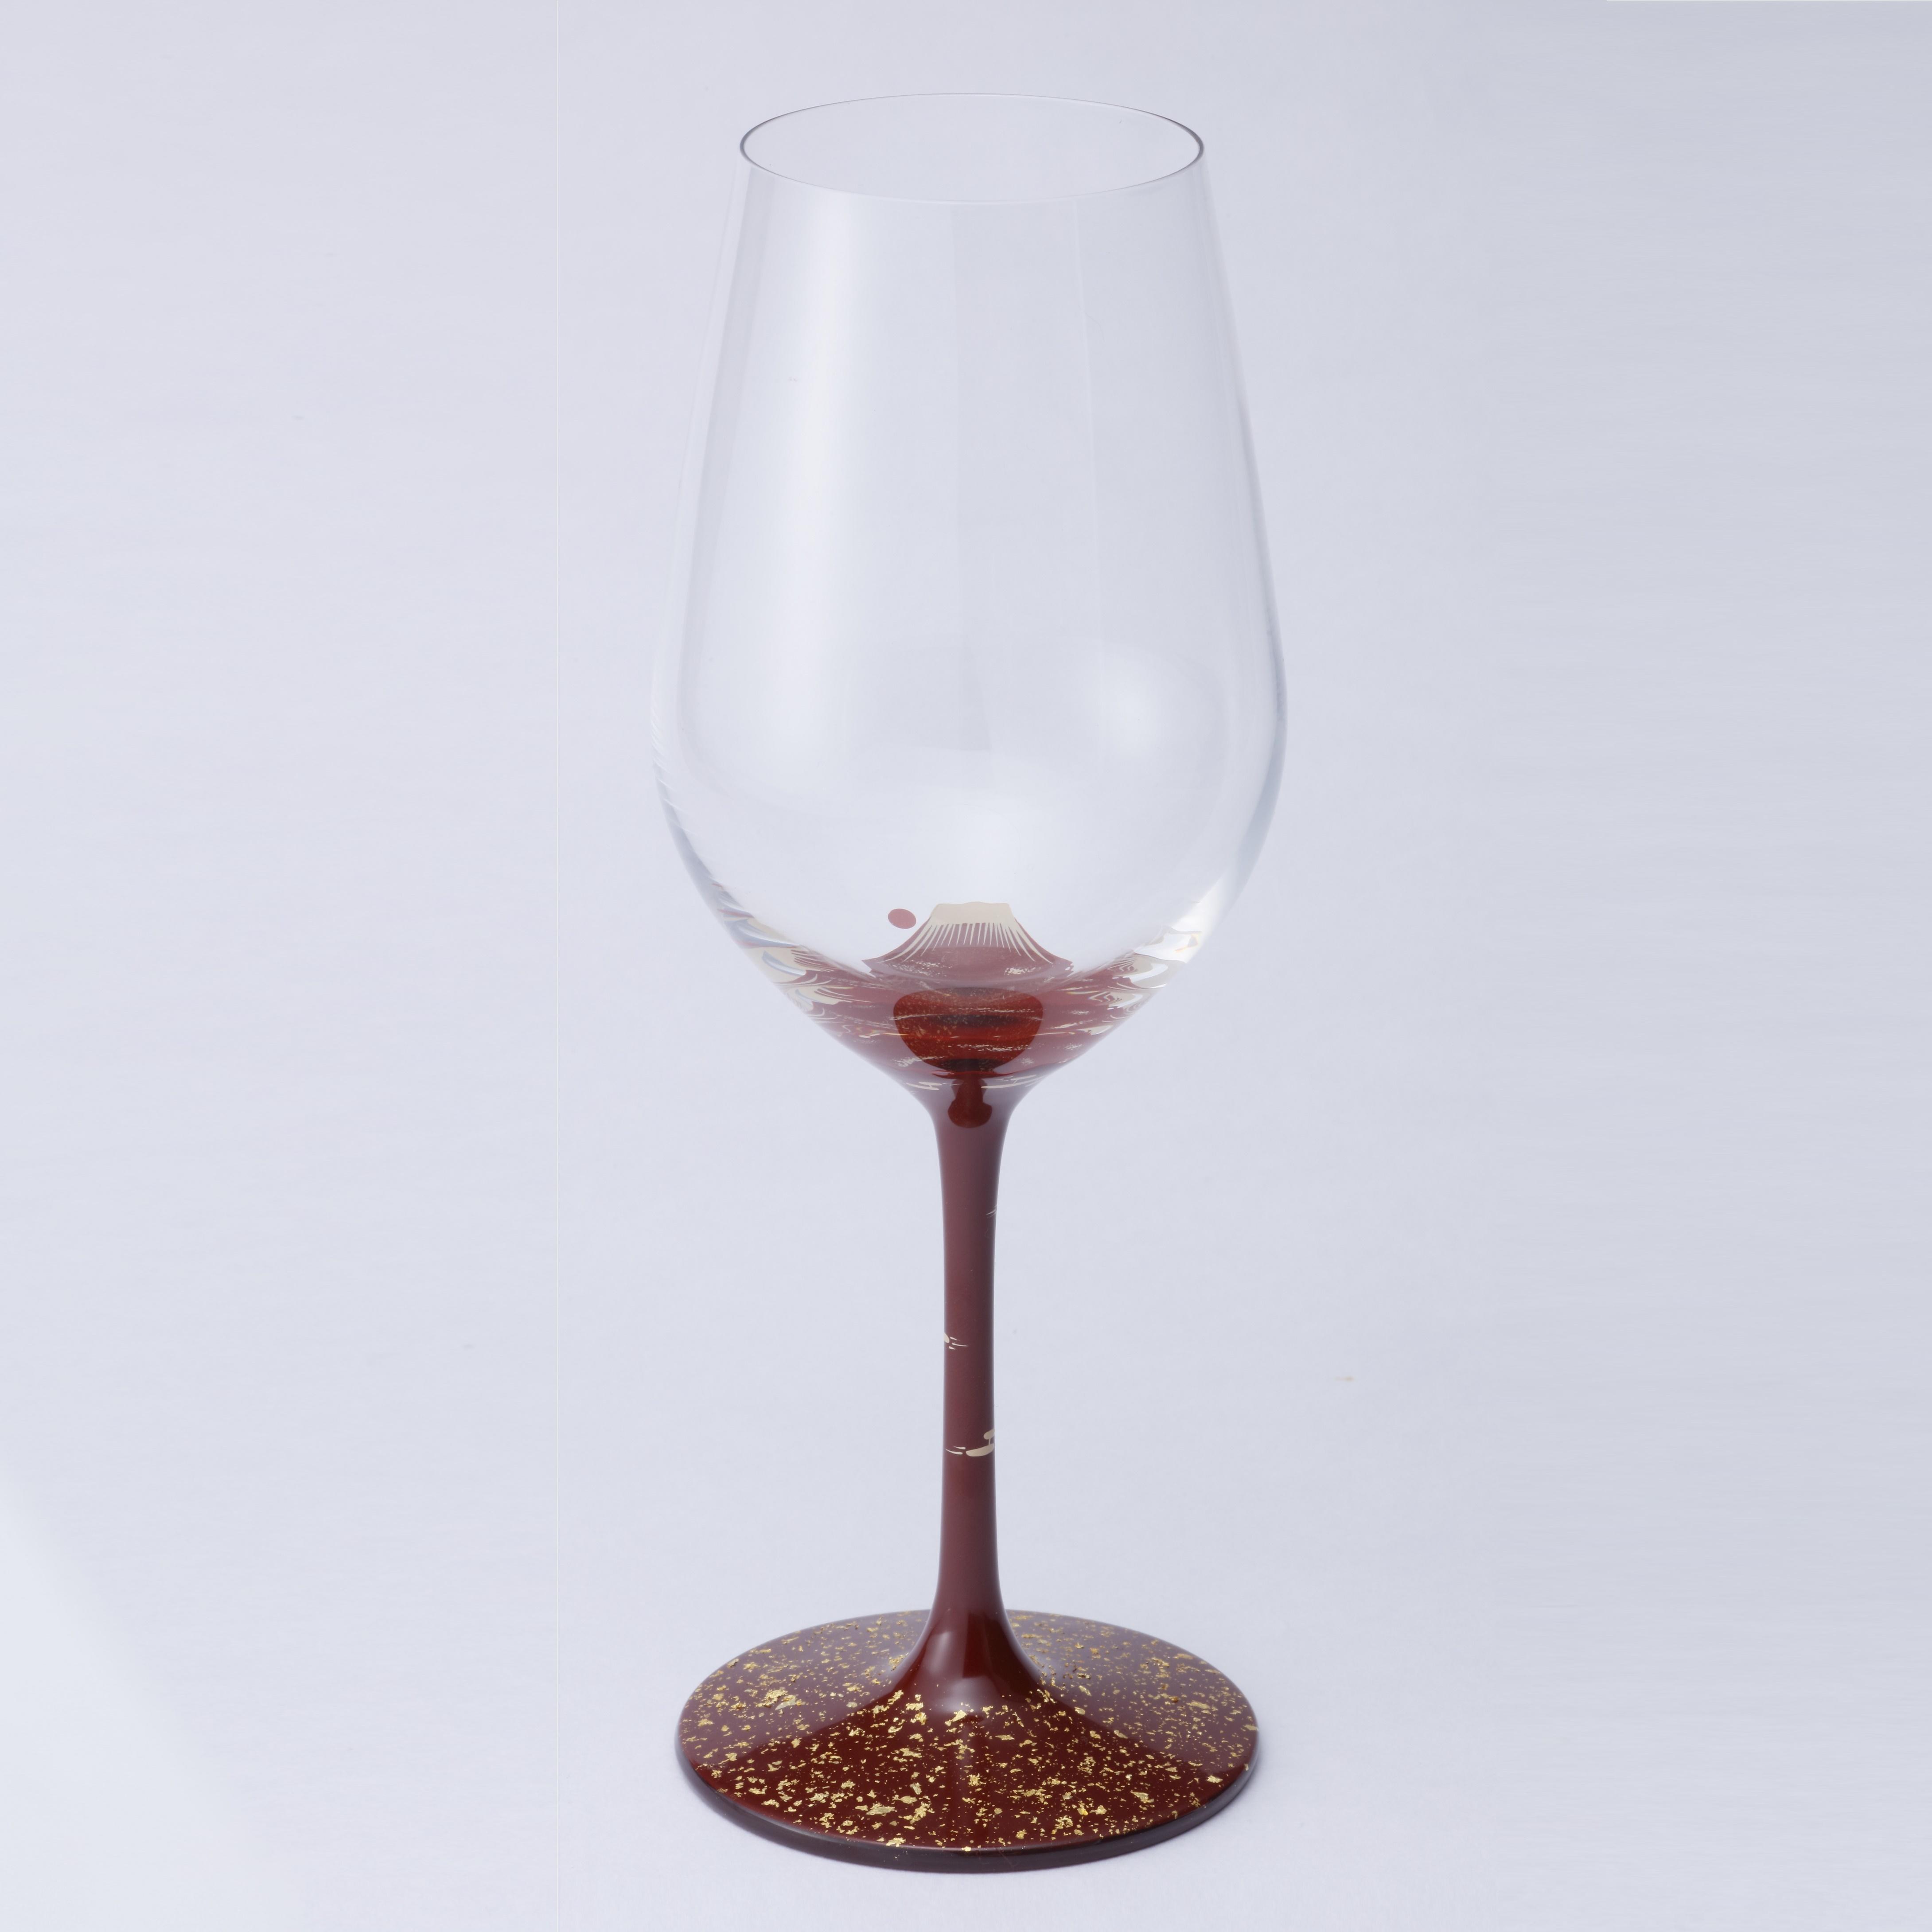 丸三漆器 漆絵ワイングラス 赤富士